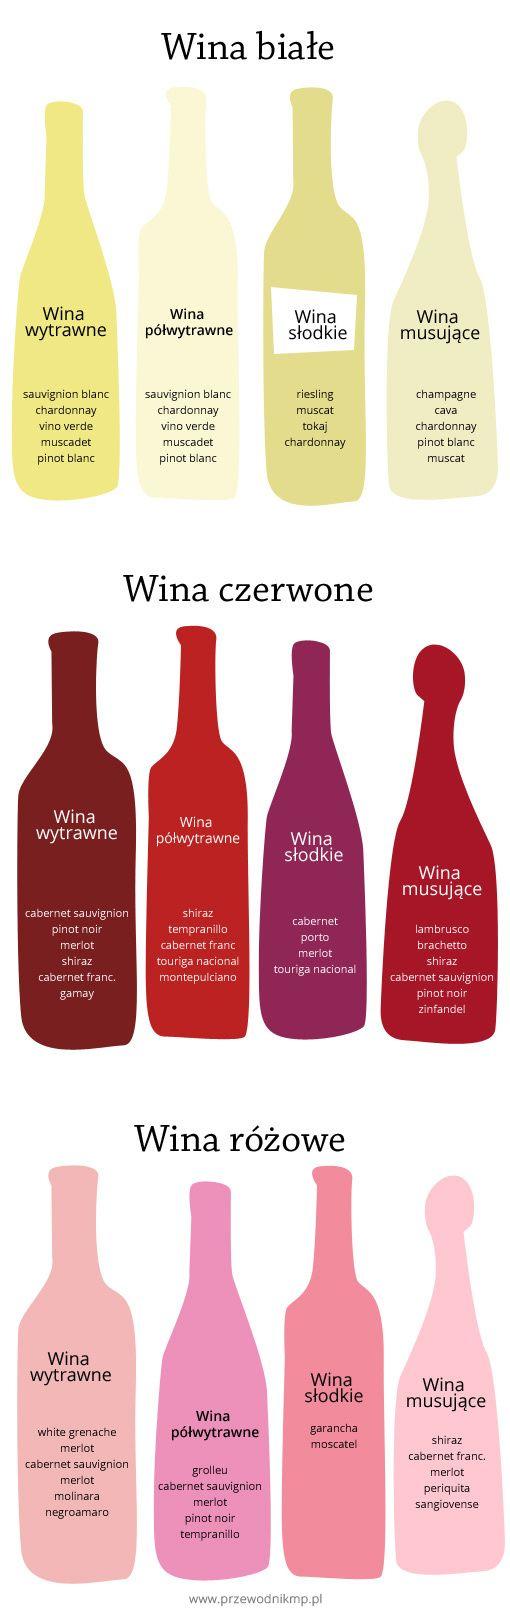 Jak dobrać wino do potraw na przyjęcie weselne? Ile na osobę?